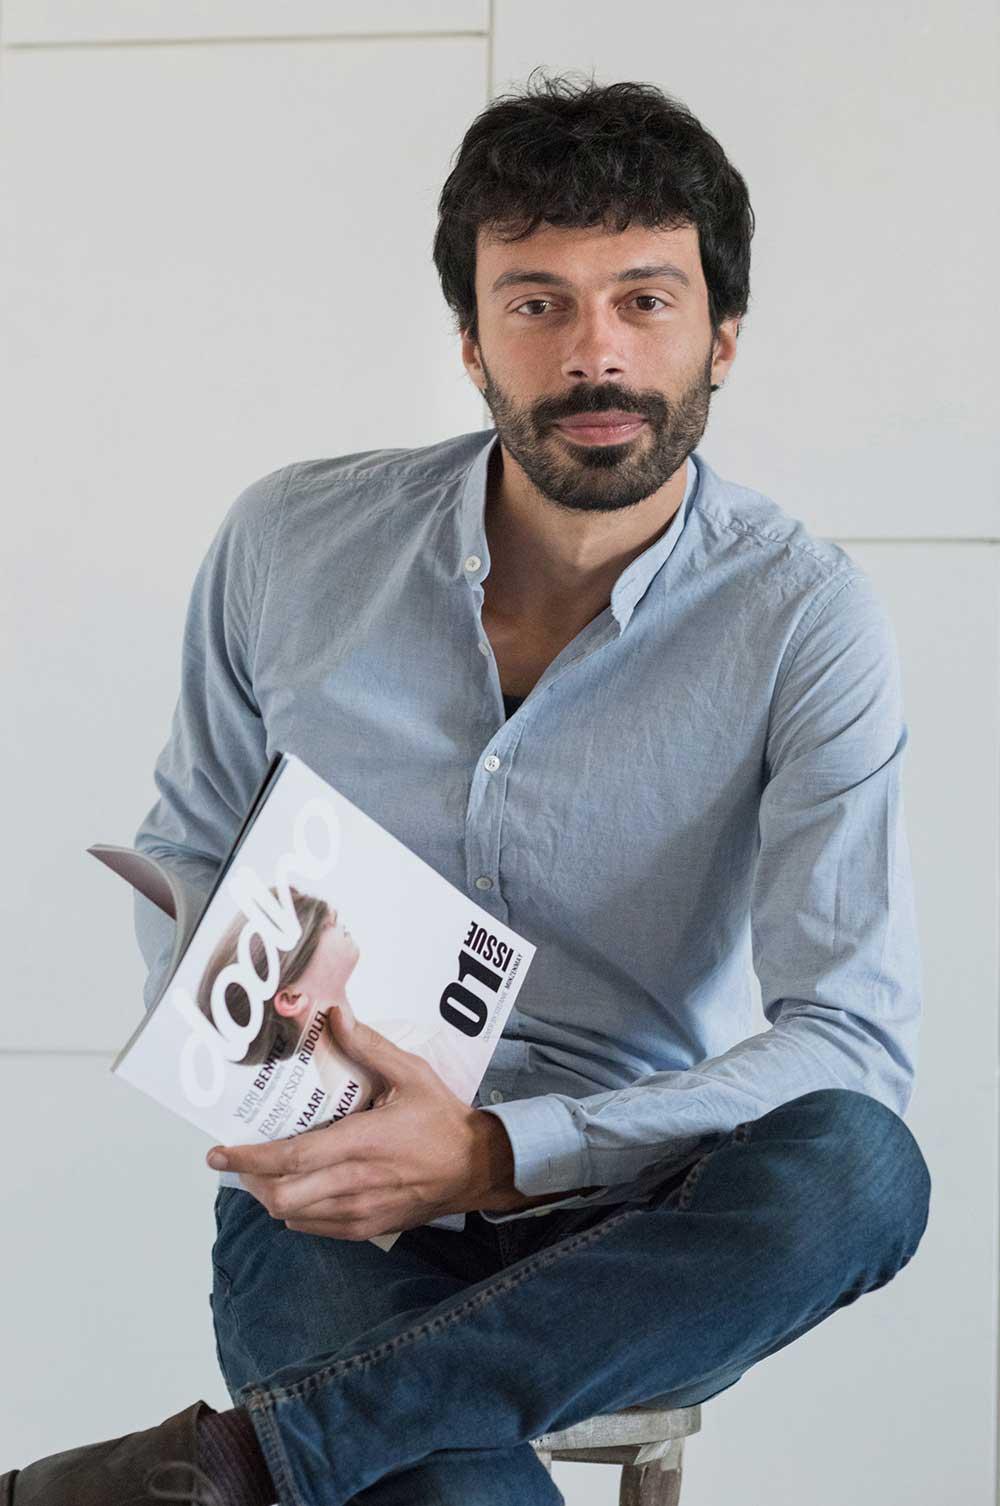 Self-portrait: Interview with Francesco Ridolfi / Dodho Magazine